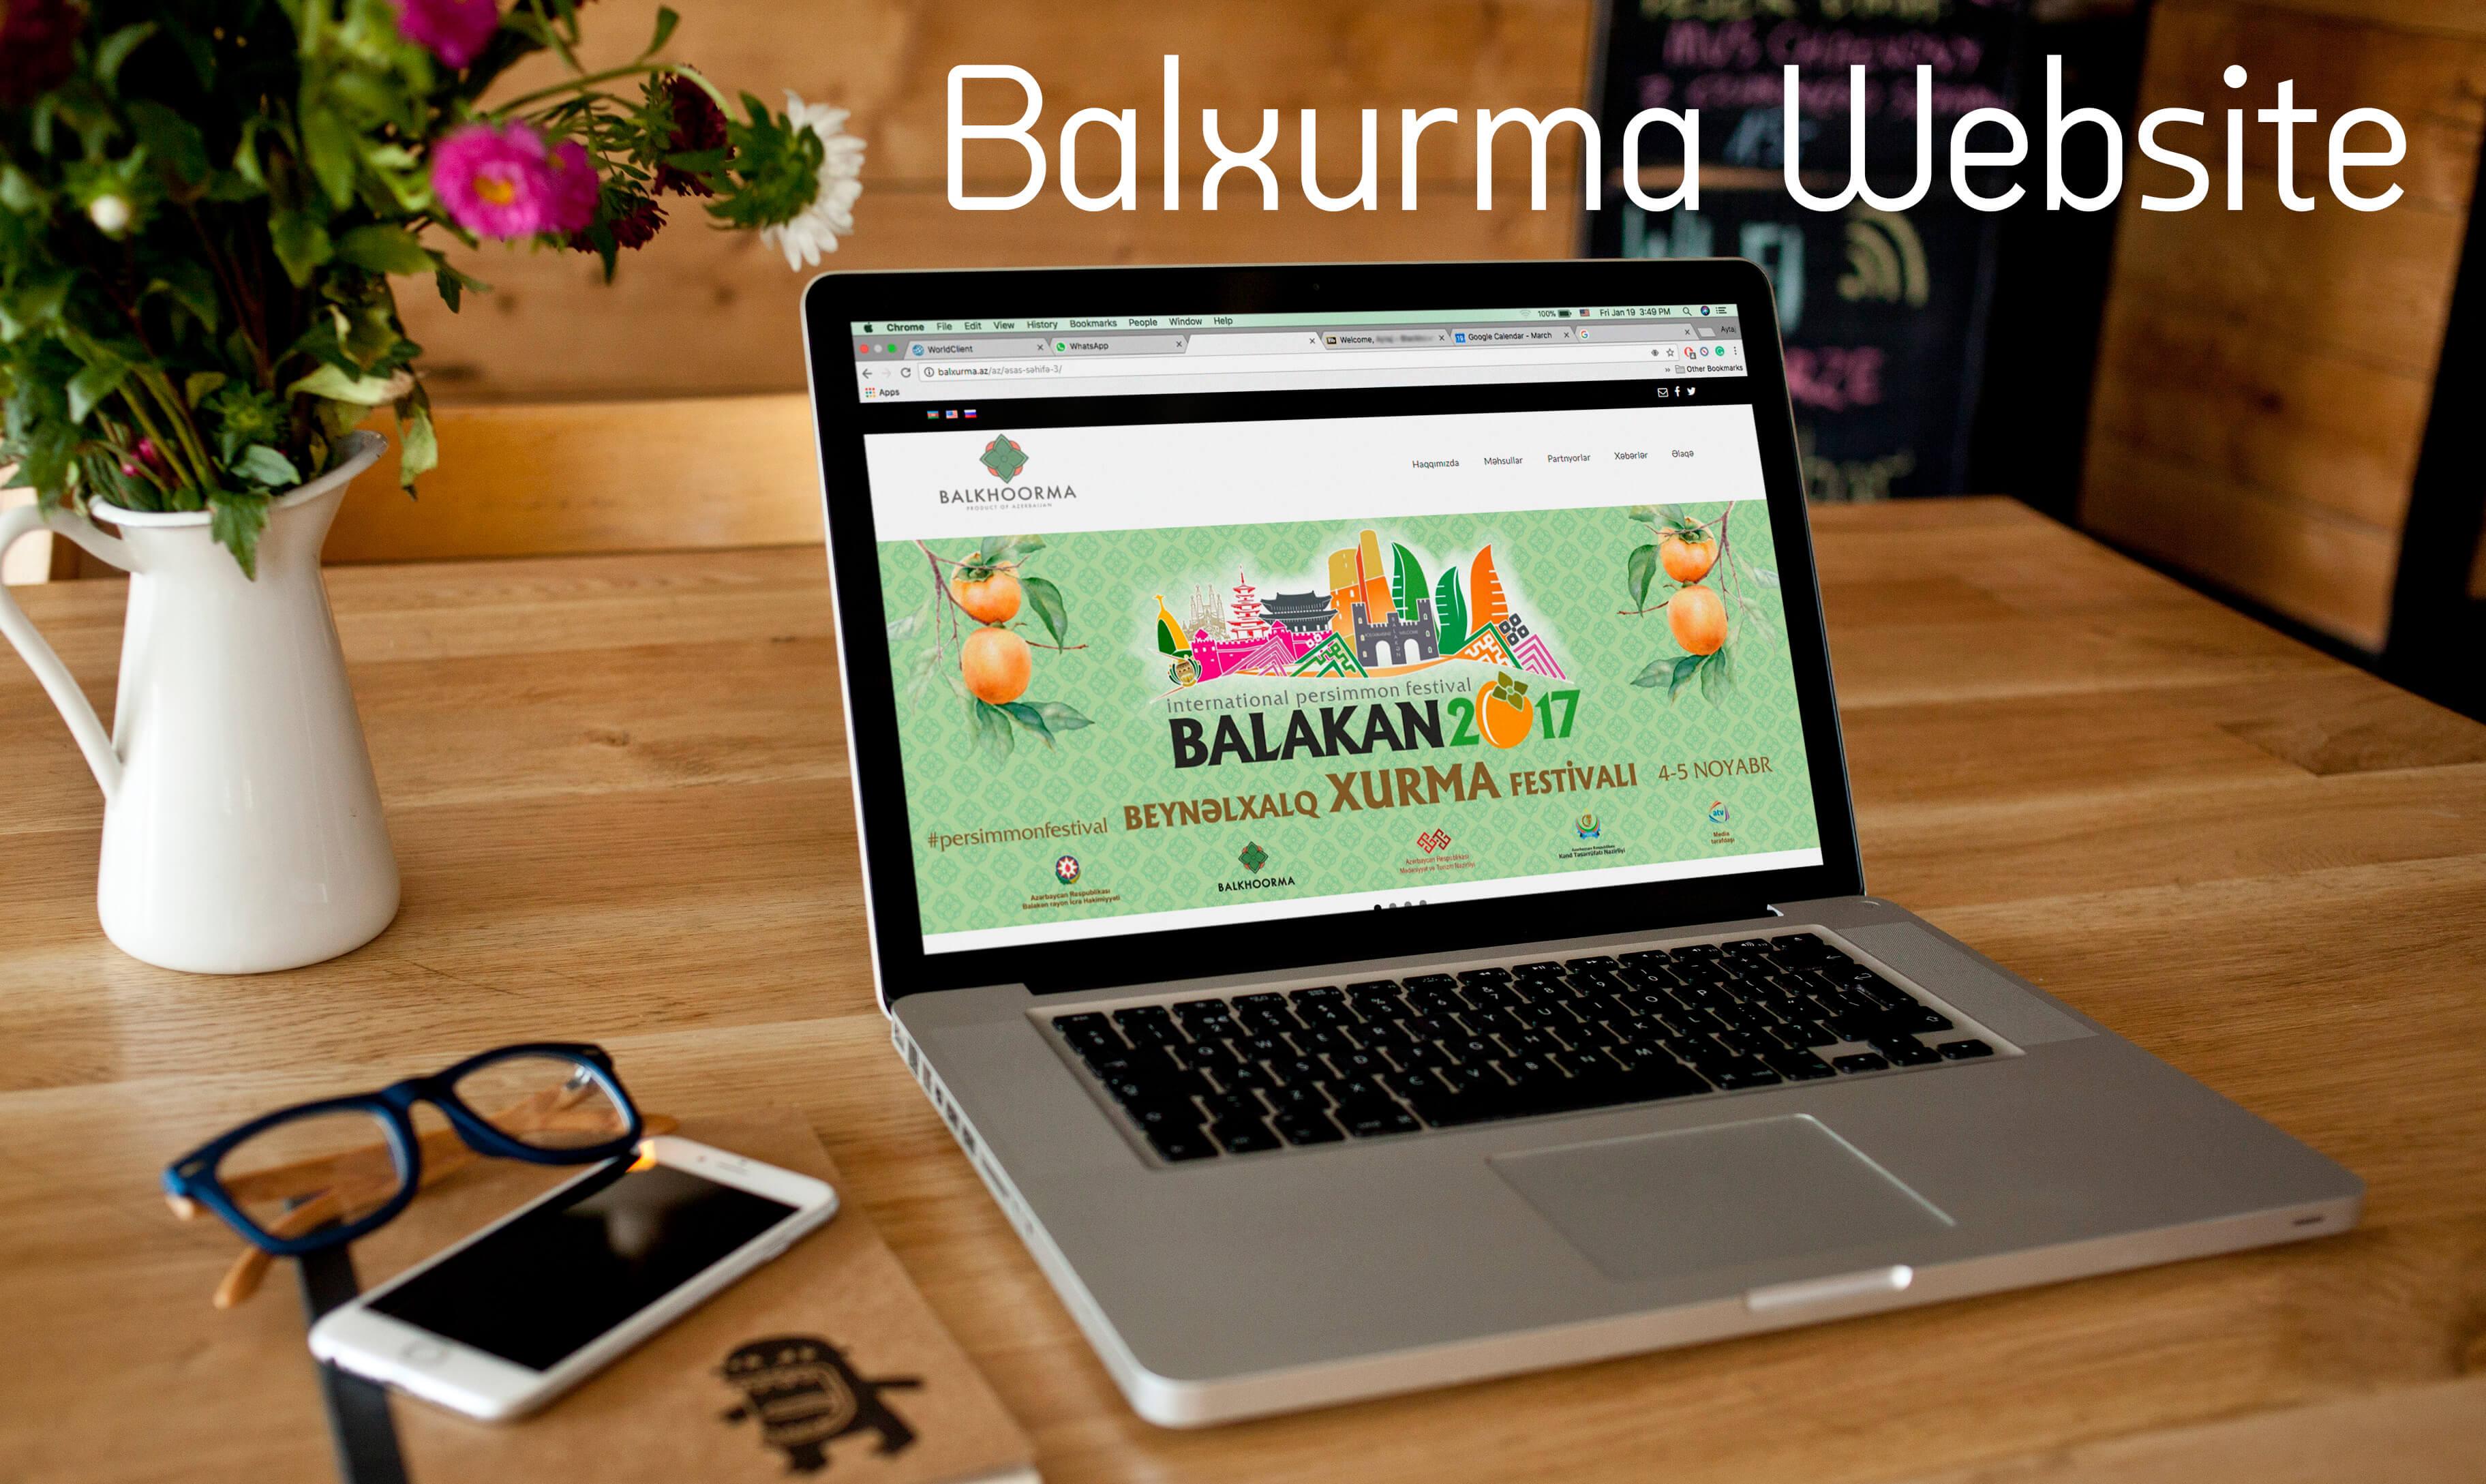 Balxurma Website